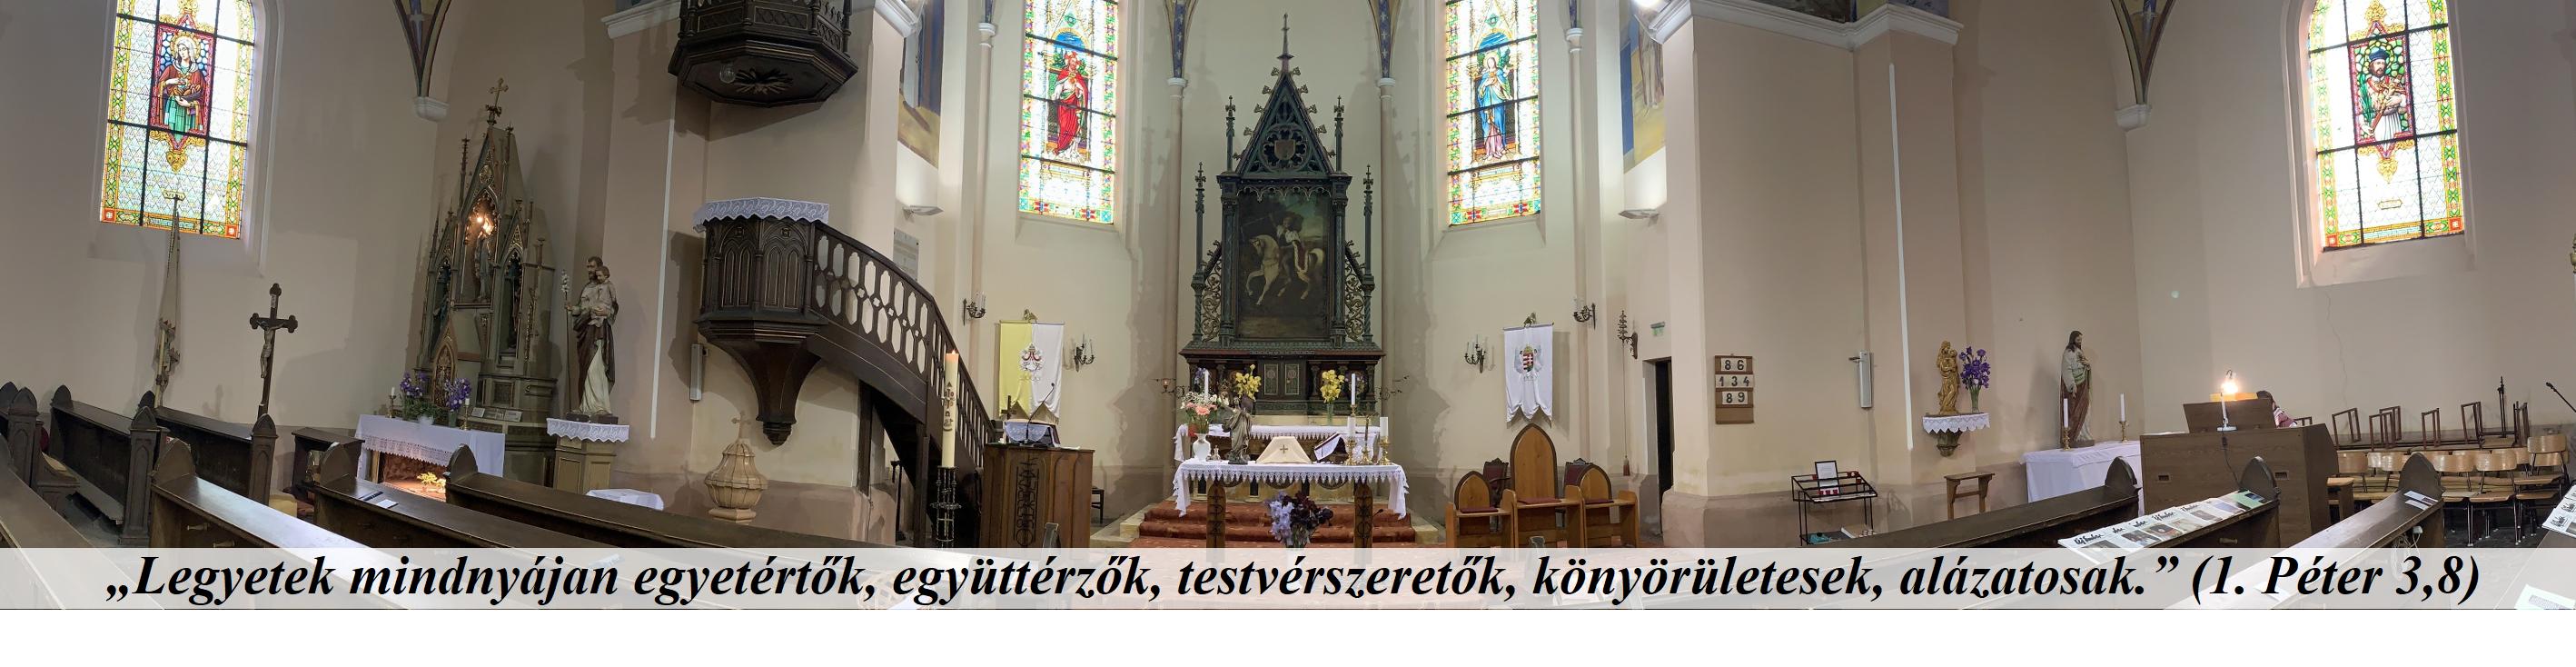 Logo for Szent László katolikus templom